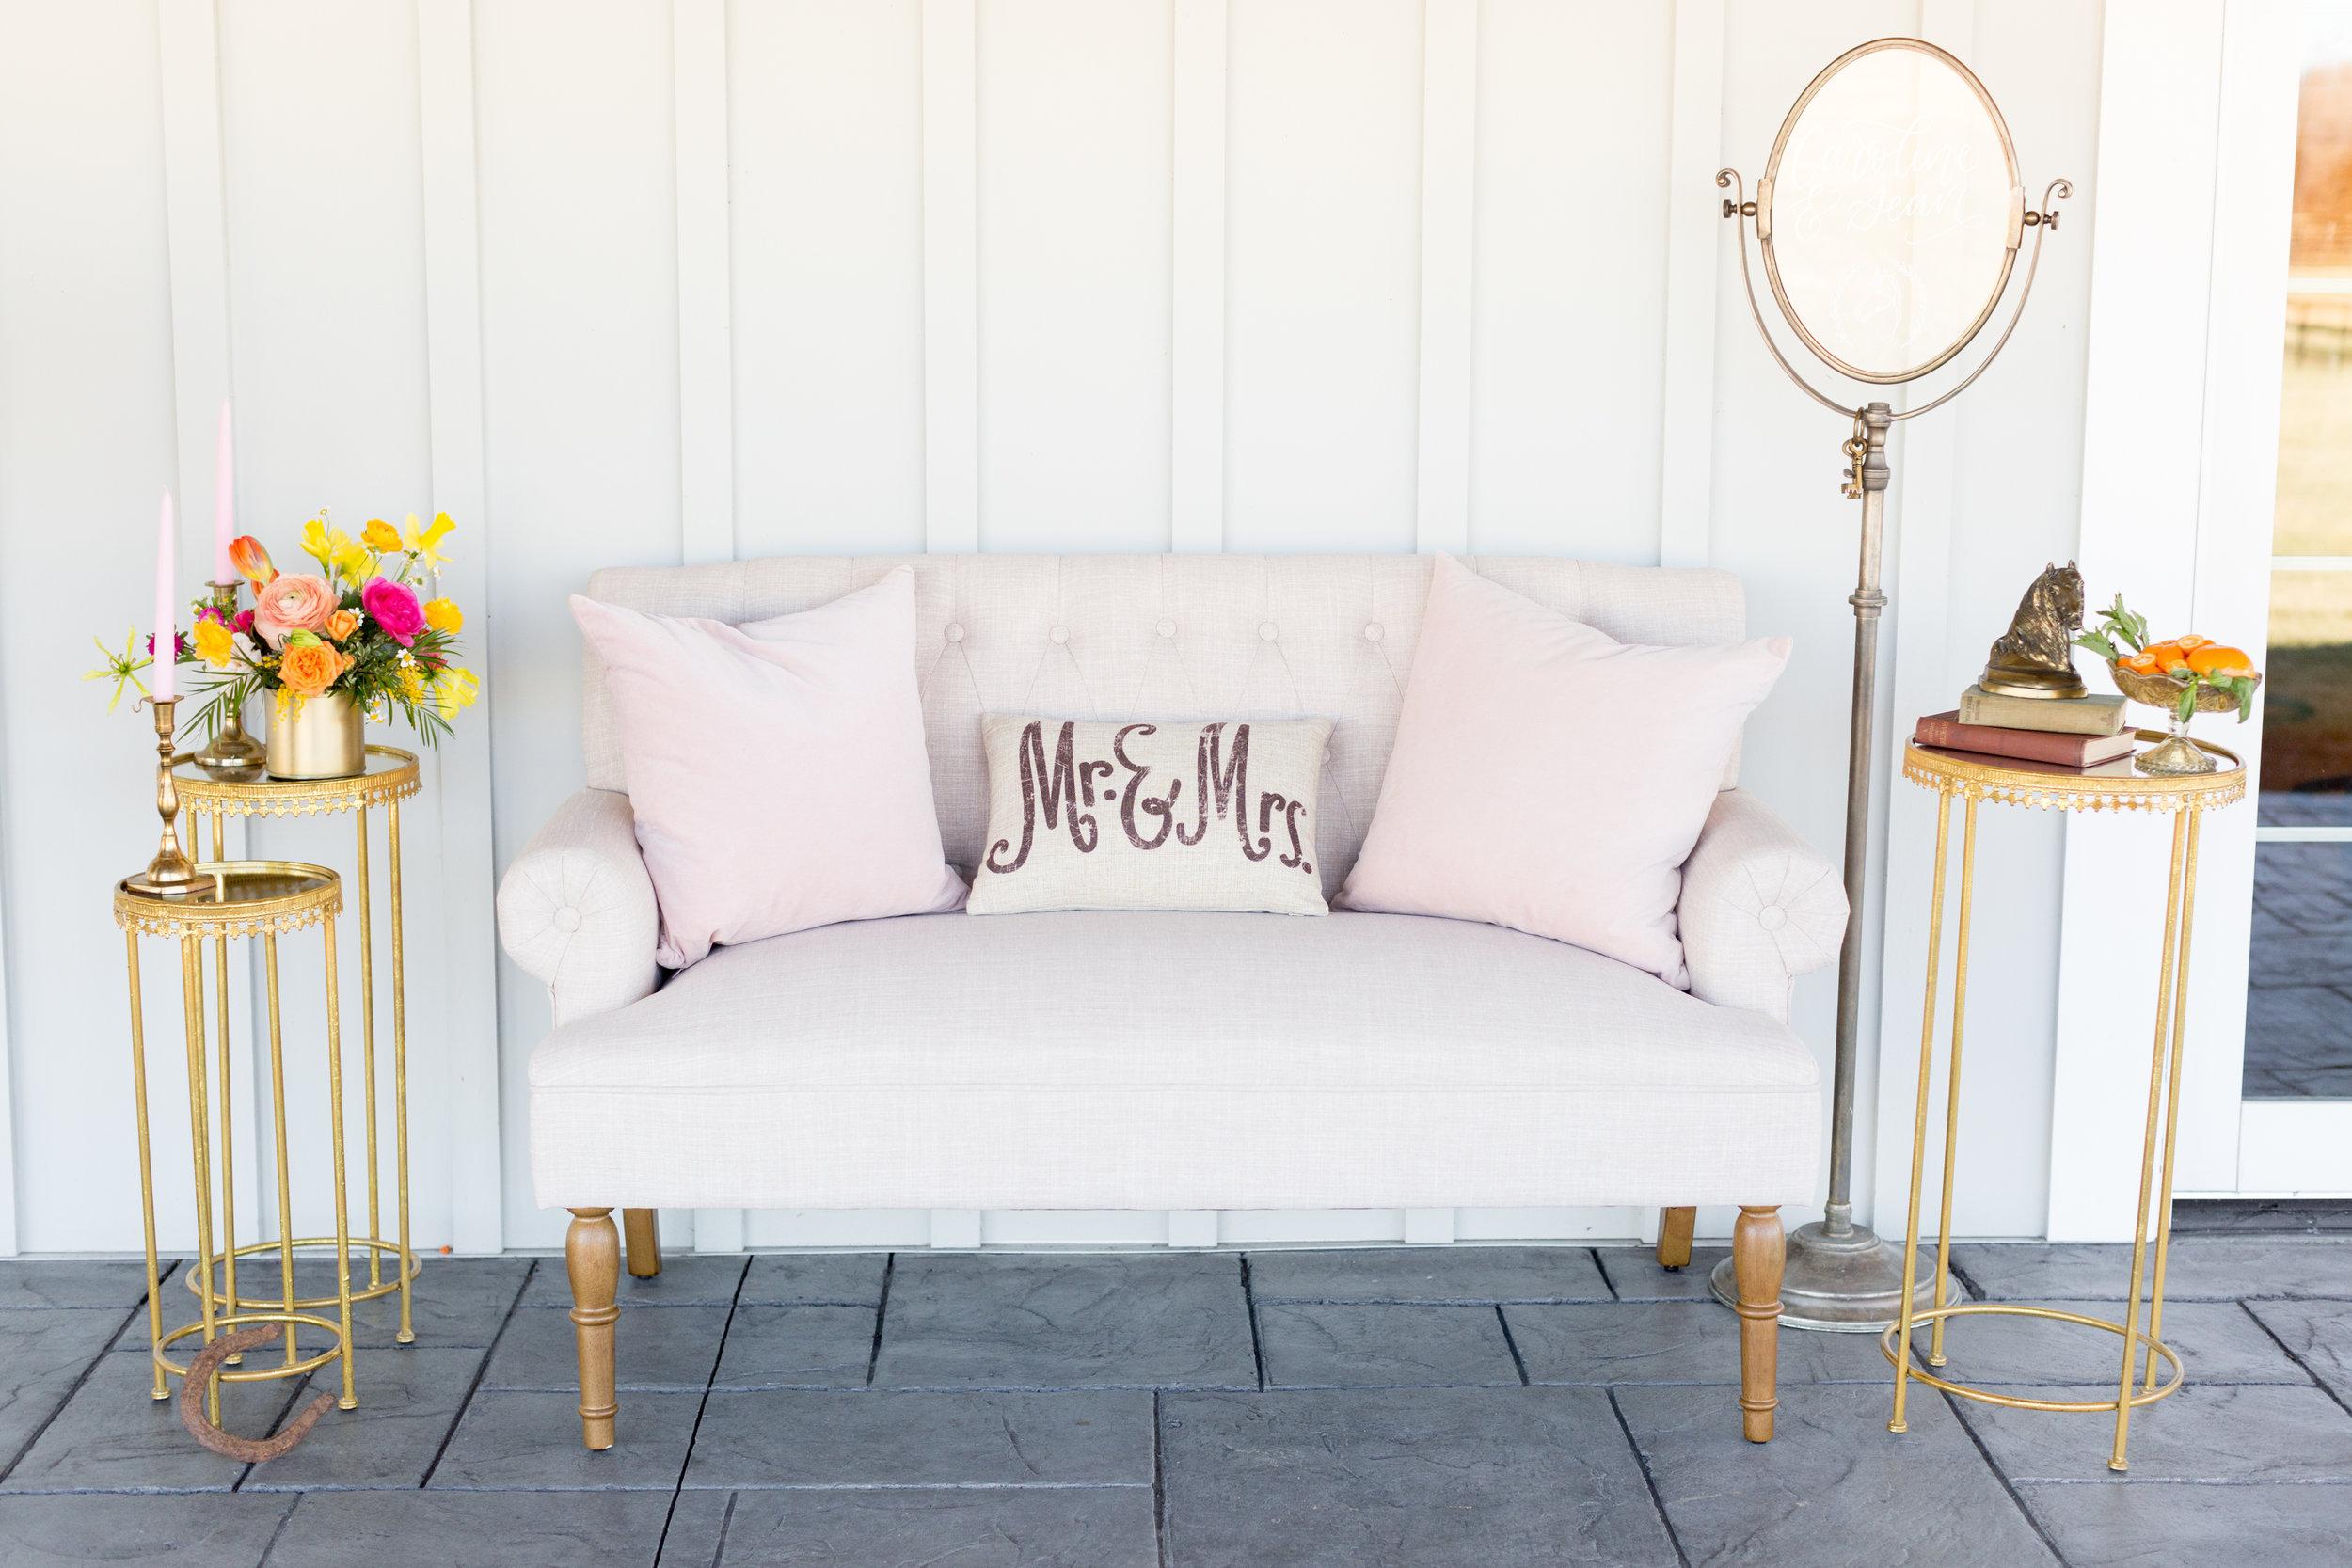 Vintage furniture rental for middleburg wedding